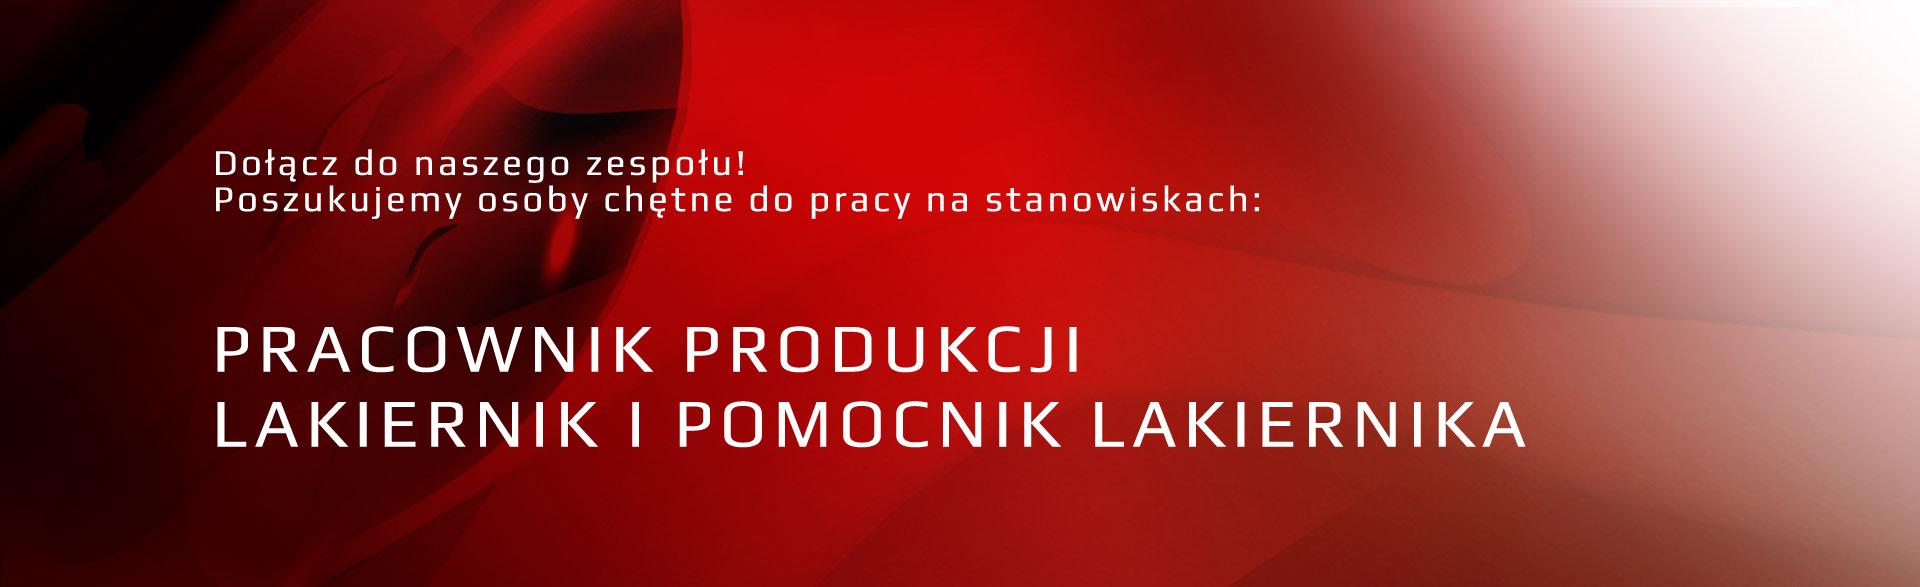 Astromal - praca w Lesznie